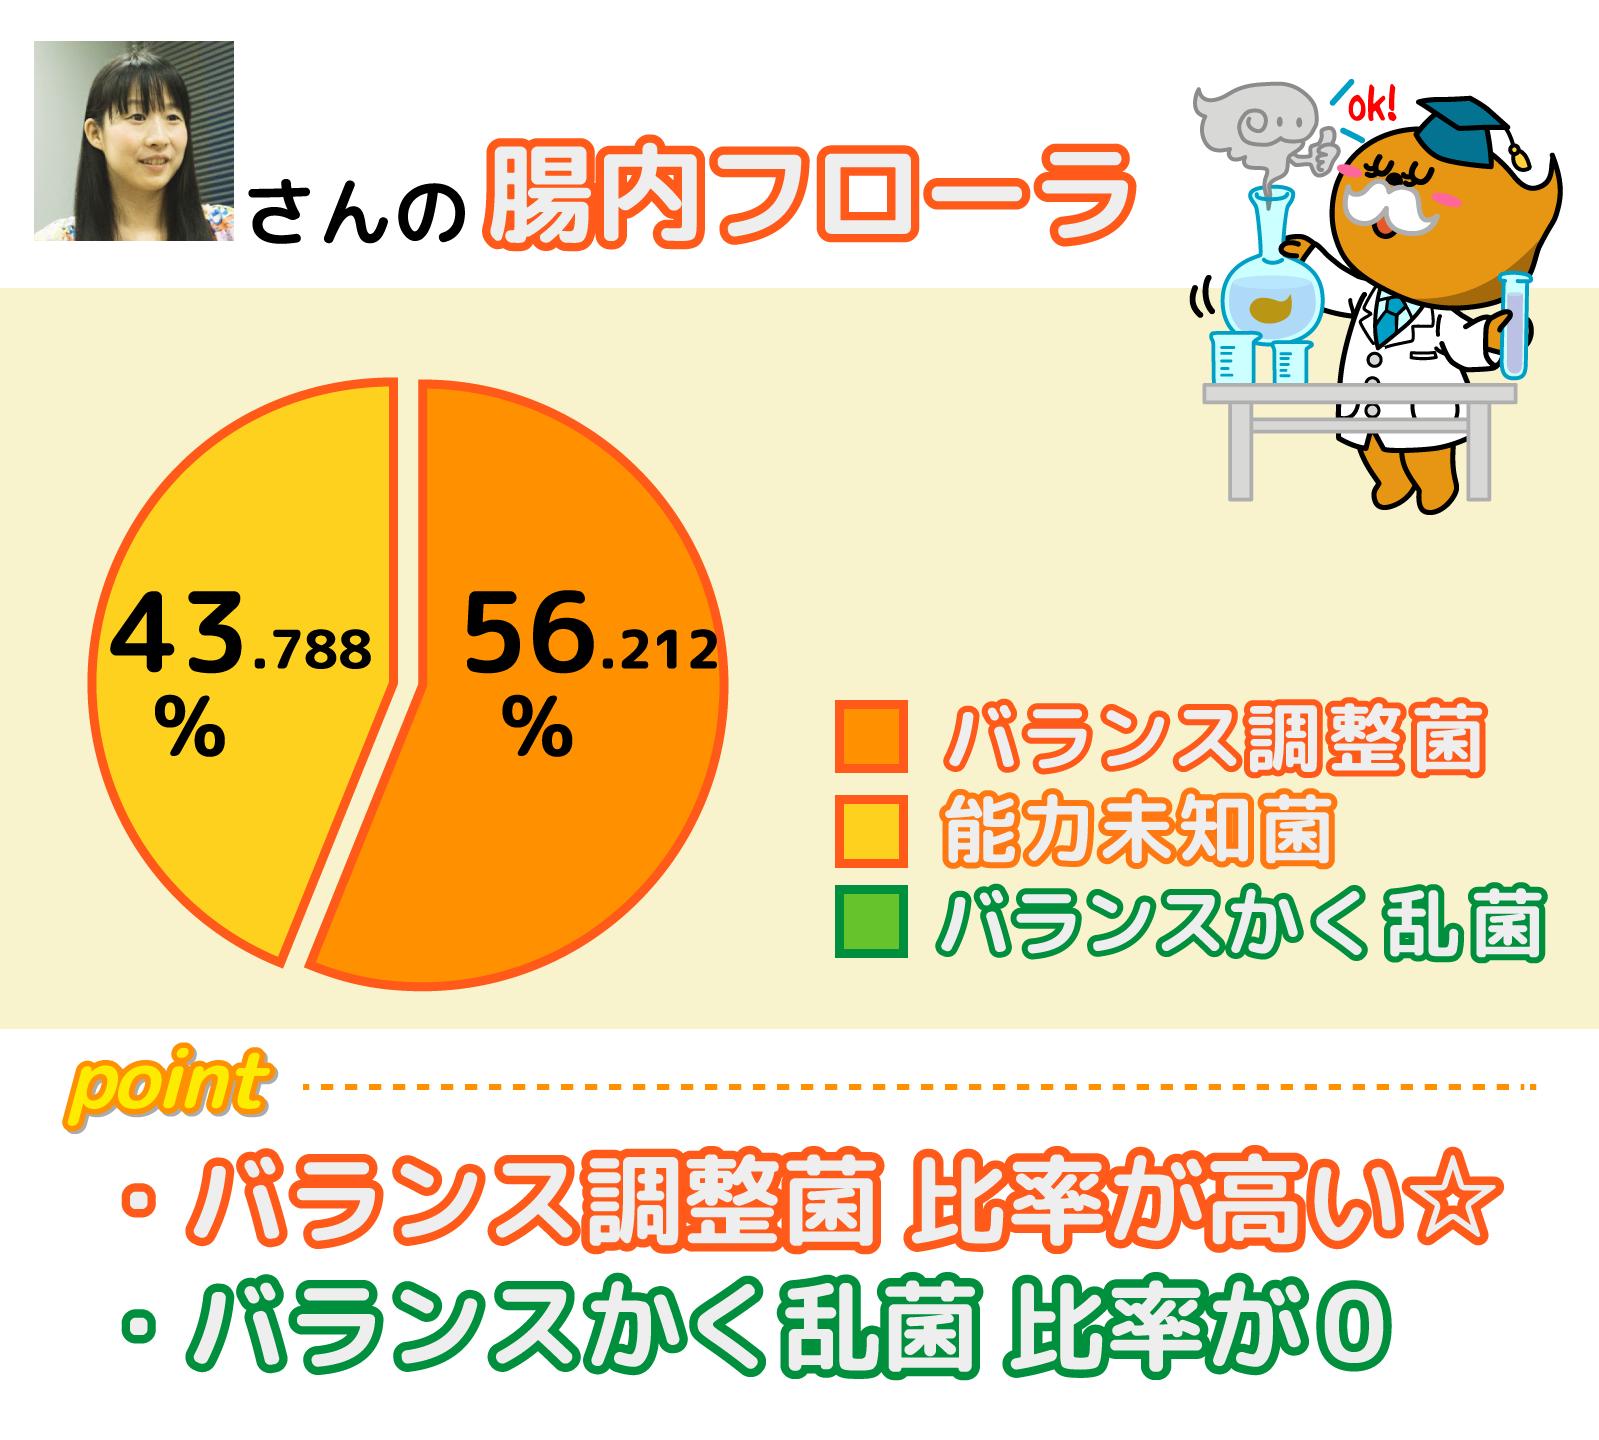 (図)(いとうまゆさんの腸内フローラ)